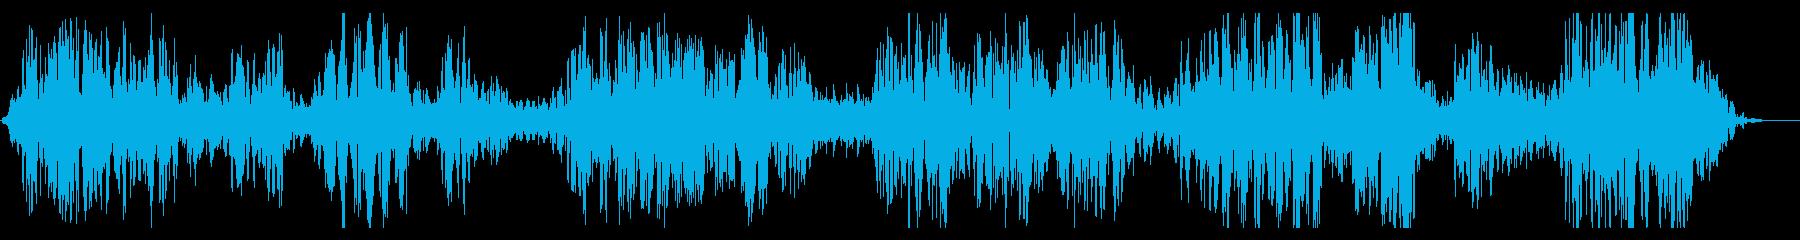 スライムなどが蠢く音タイプB#9の再生済みの波形